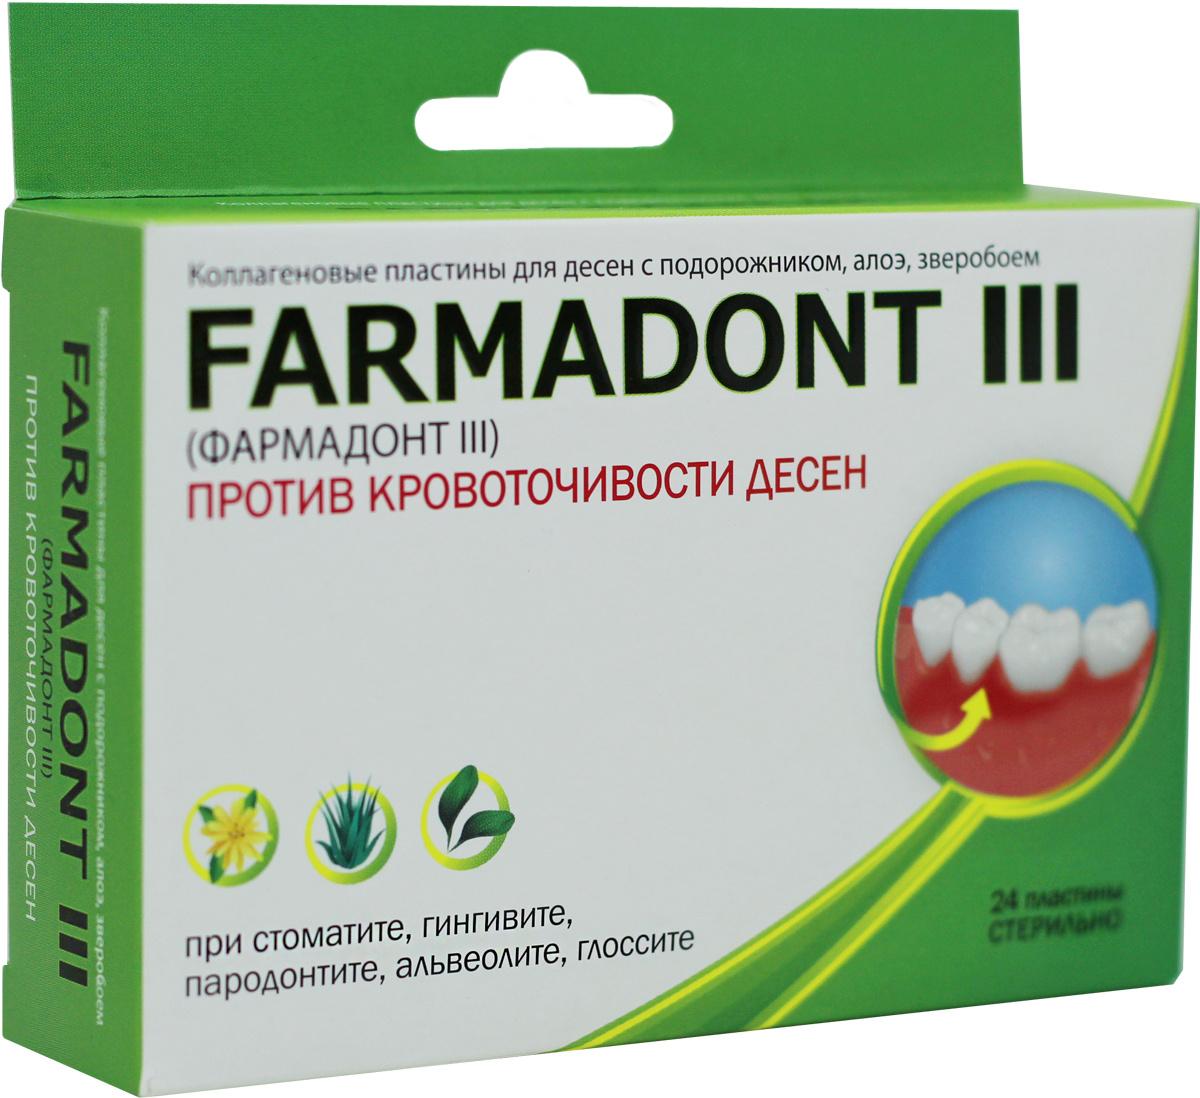 Farmadont Фармадонт III Коллагеновые пластины для десен с подорожником, алоэ, зверобоем, против кровоточивости #1